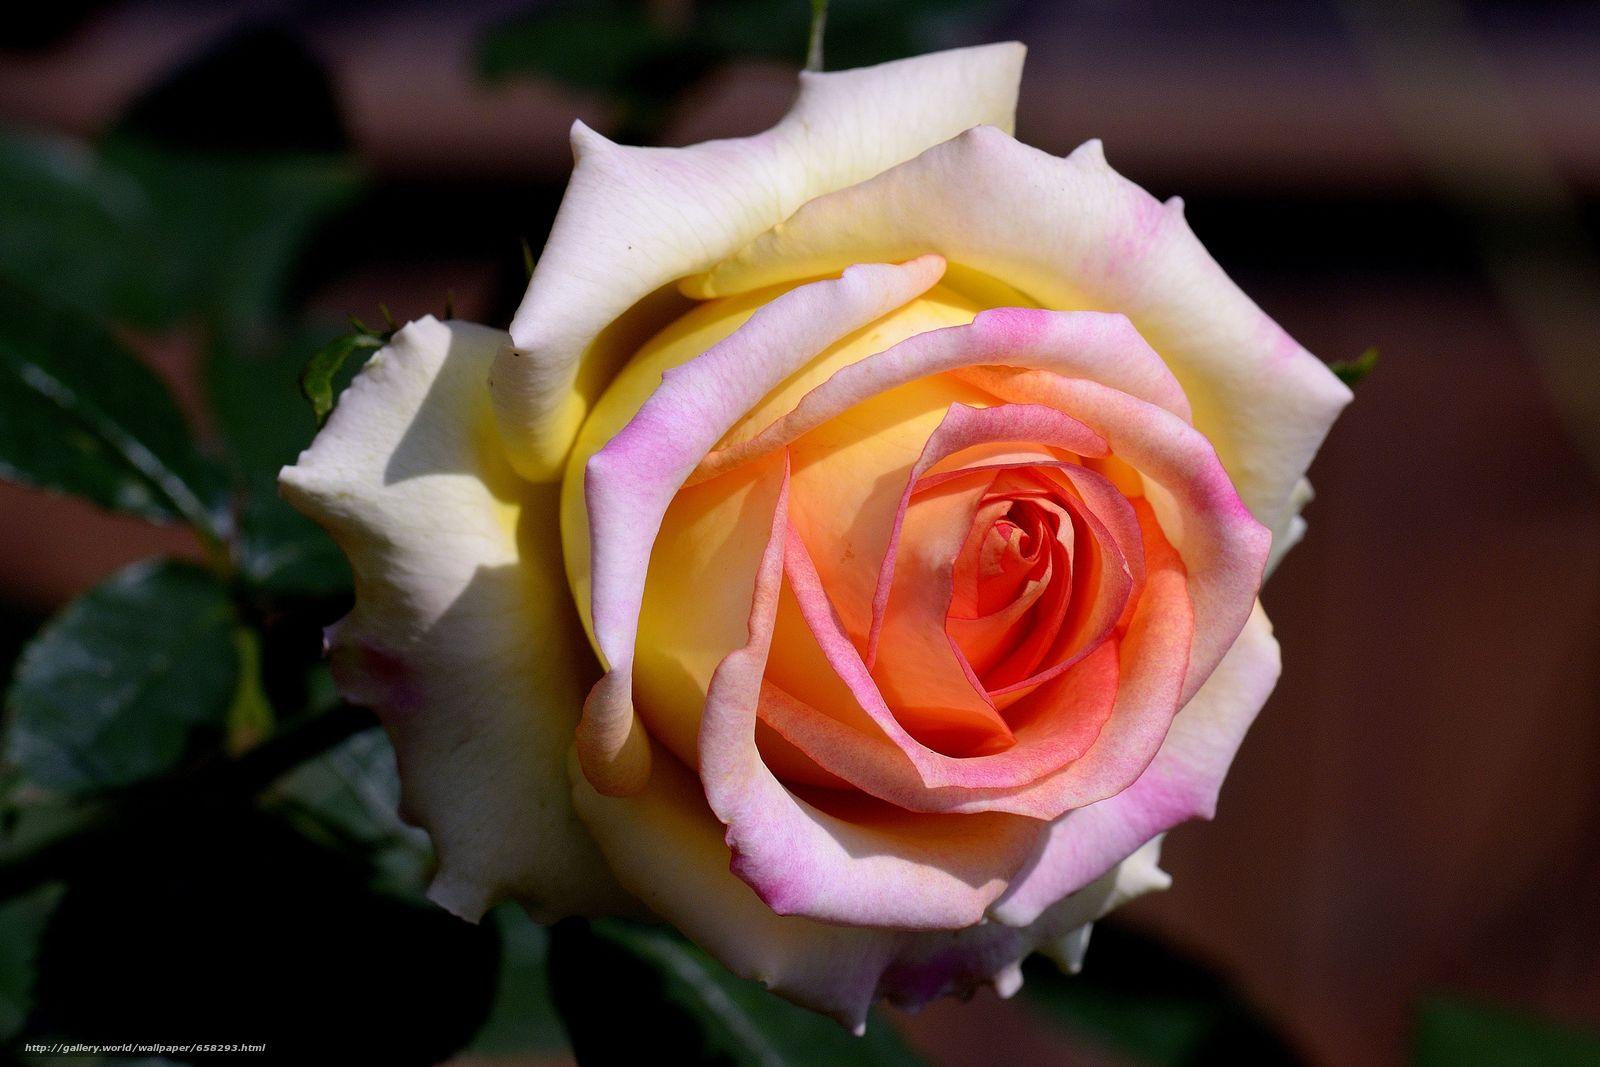 下载壁纸 玫瑰,  玫瑰,  花卉,  植物群 免费为您的桌面分辨率的壁纸 4650x3100 — 图片 №658293